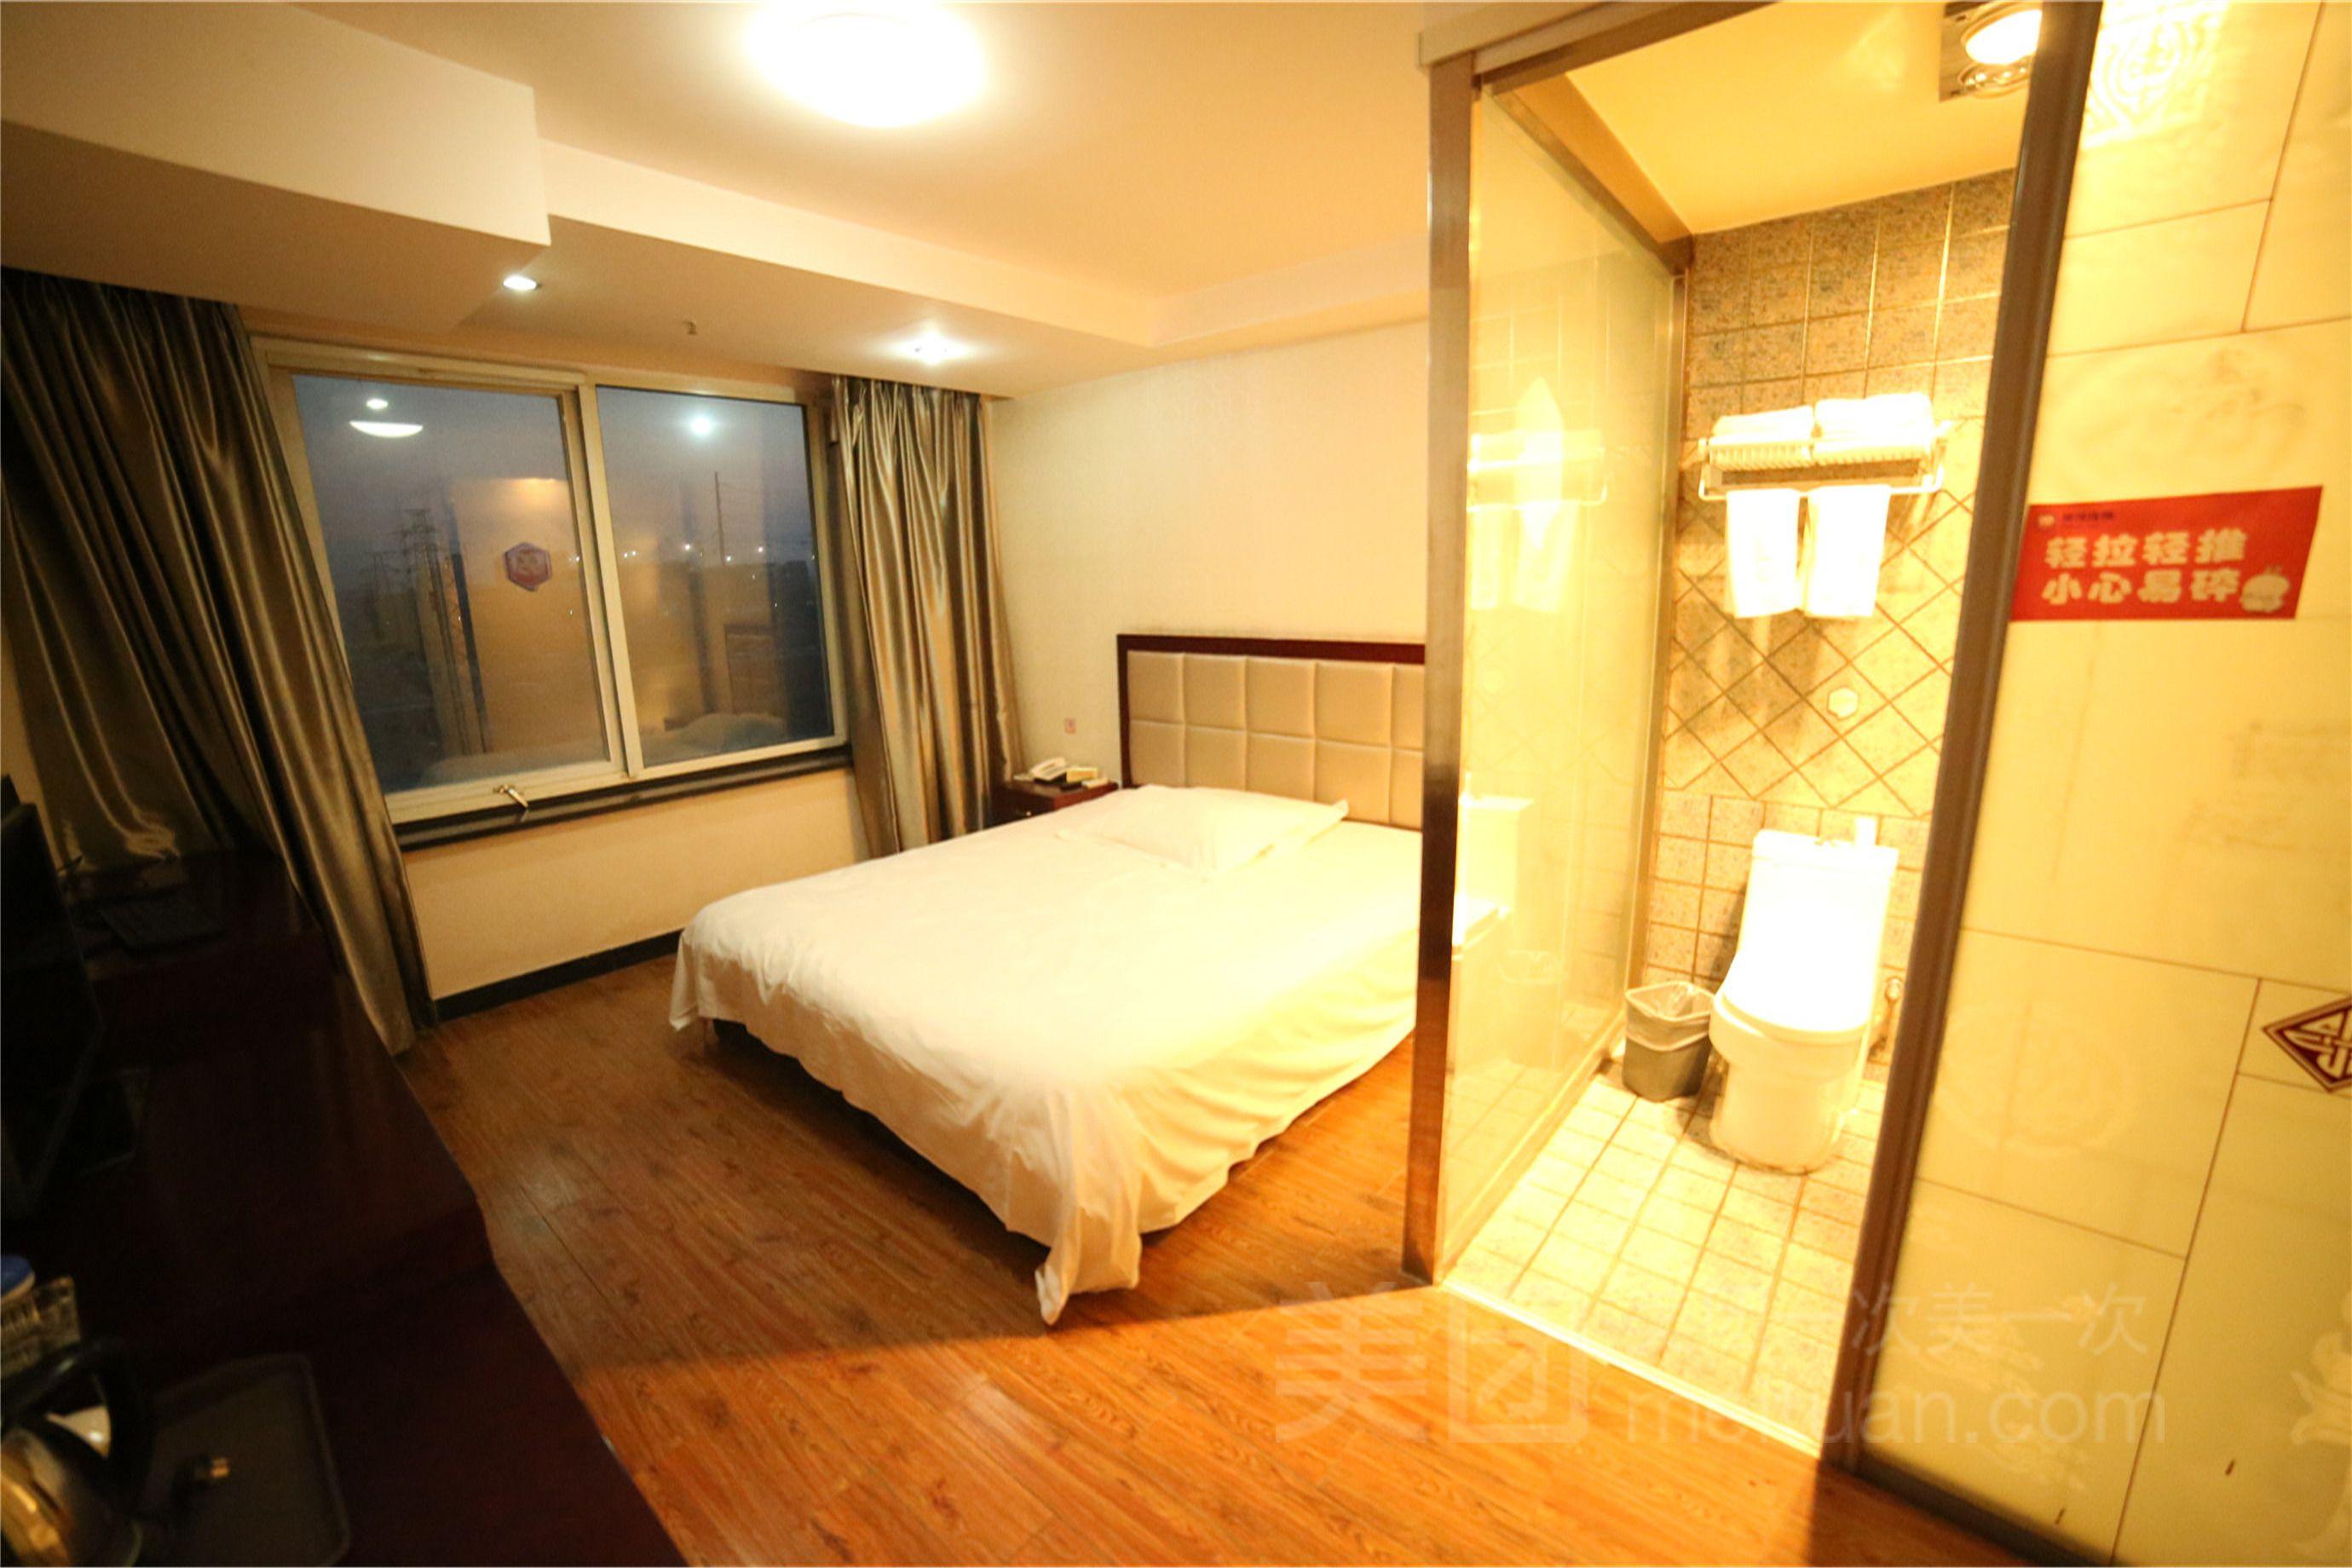 99旅馆连锁(北京回龙观东大街地铁站店)预订/团购